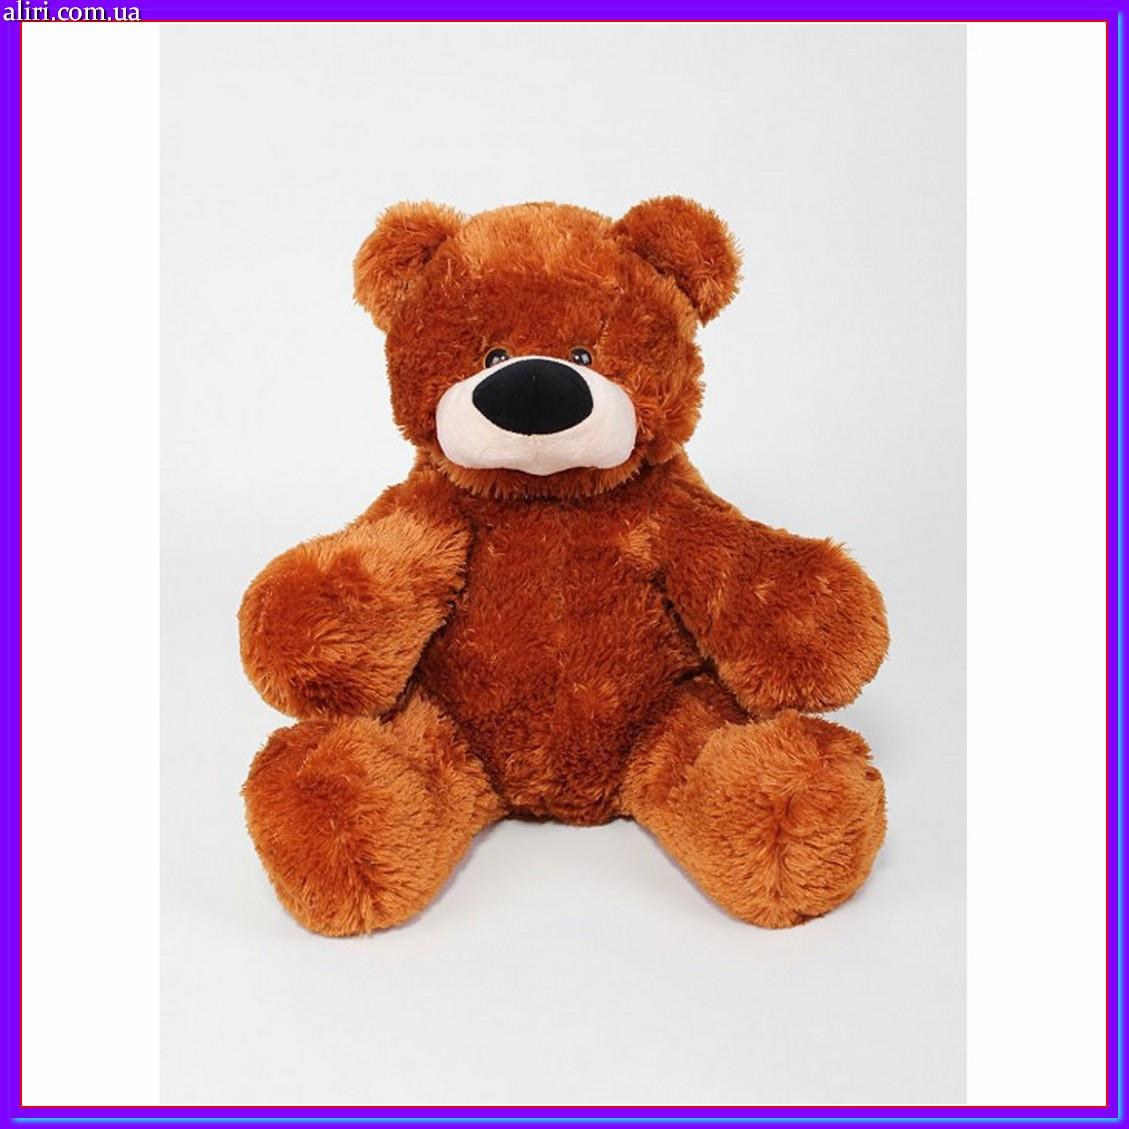 Милый сидячий мишка бублик мягкая игрушка 55 см коричневый